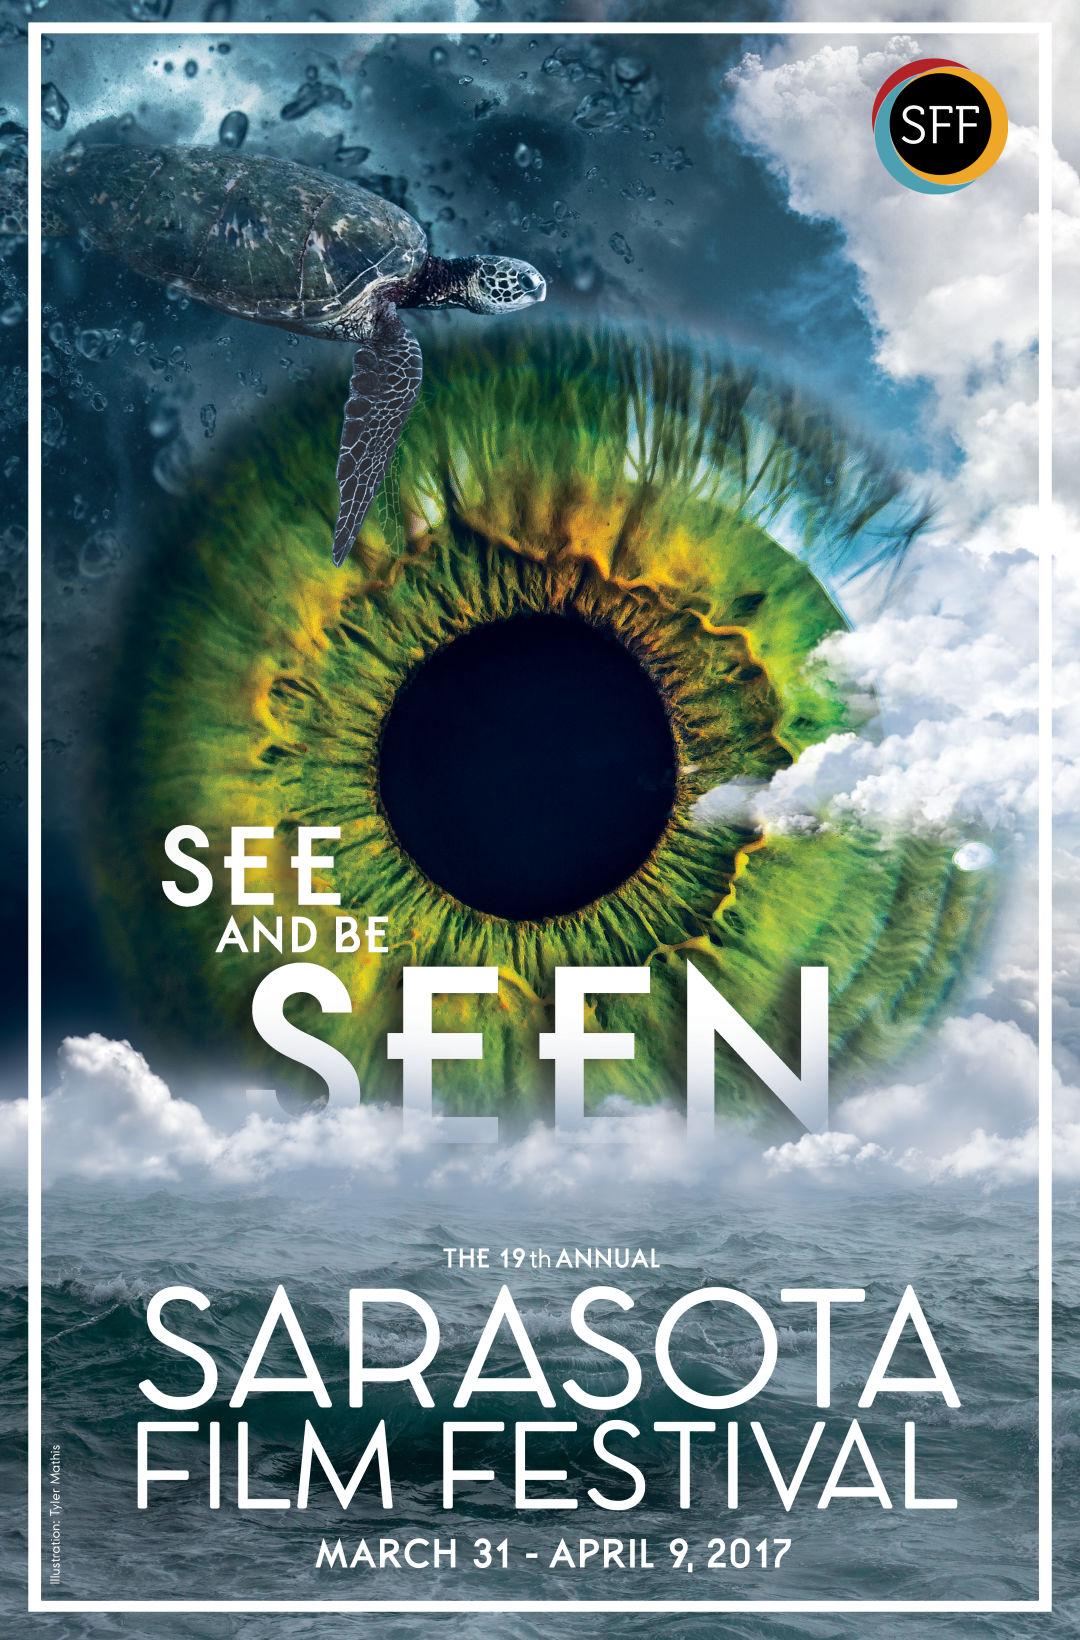 Sff eye poster t4vi1l